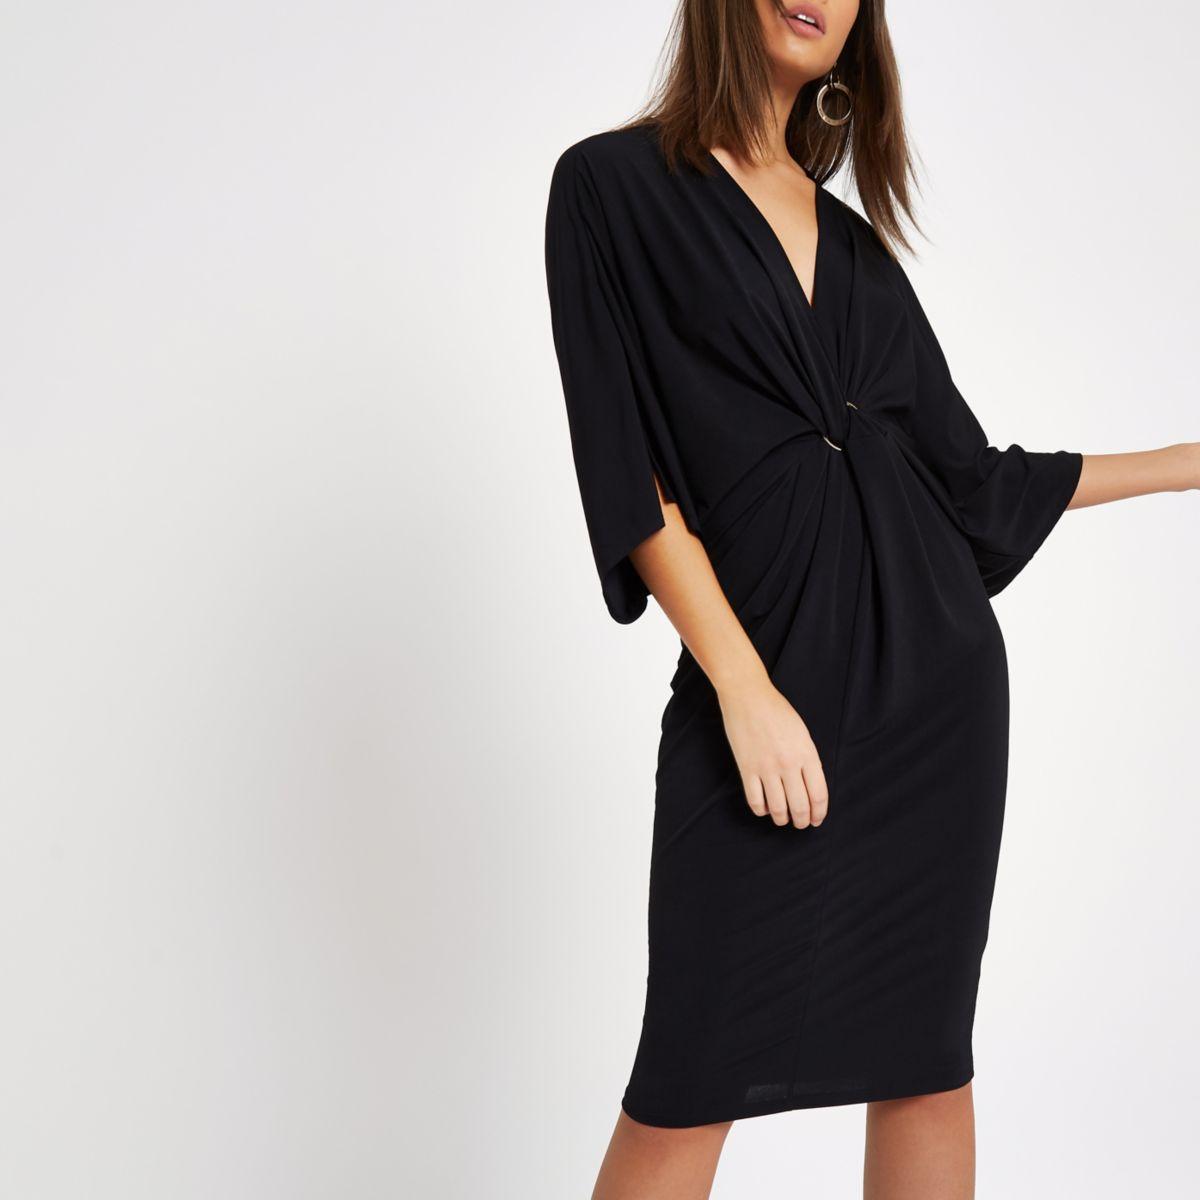 Black twist front batwing sleeve midi dress